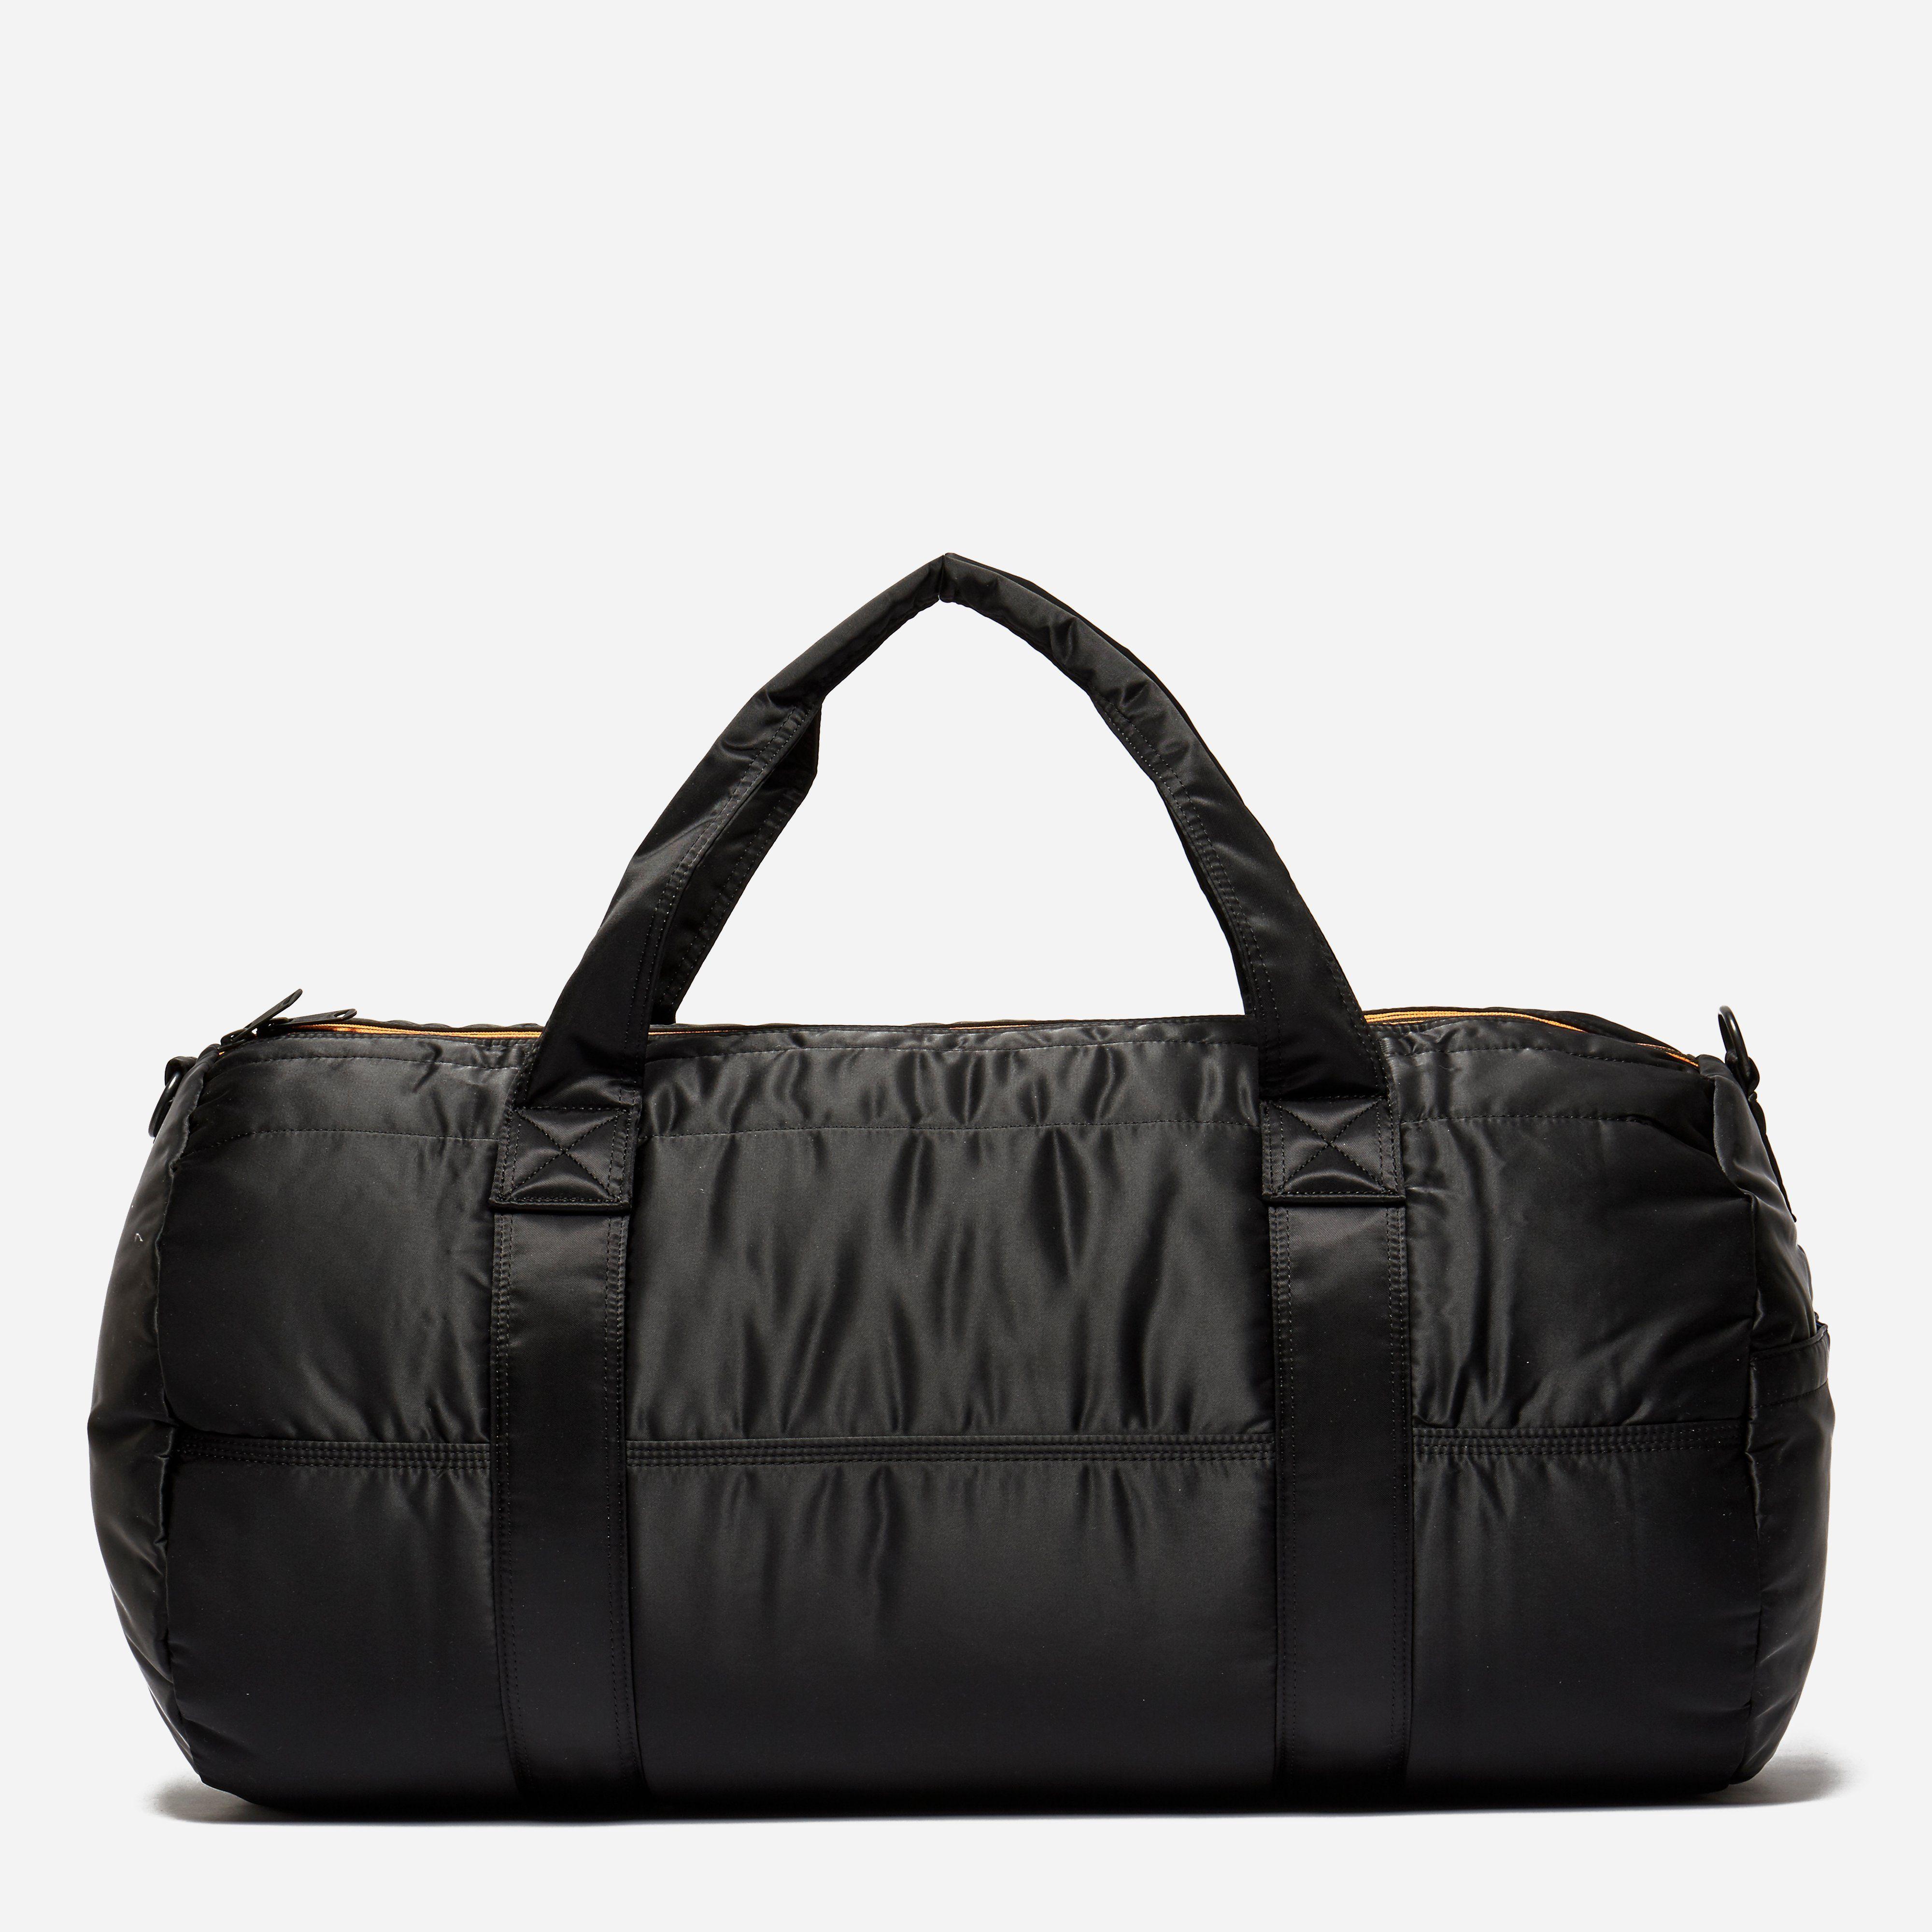 adidas Originals by Porter 2WAY Boston Bag